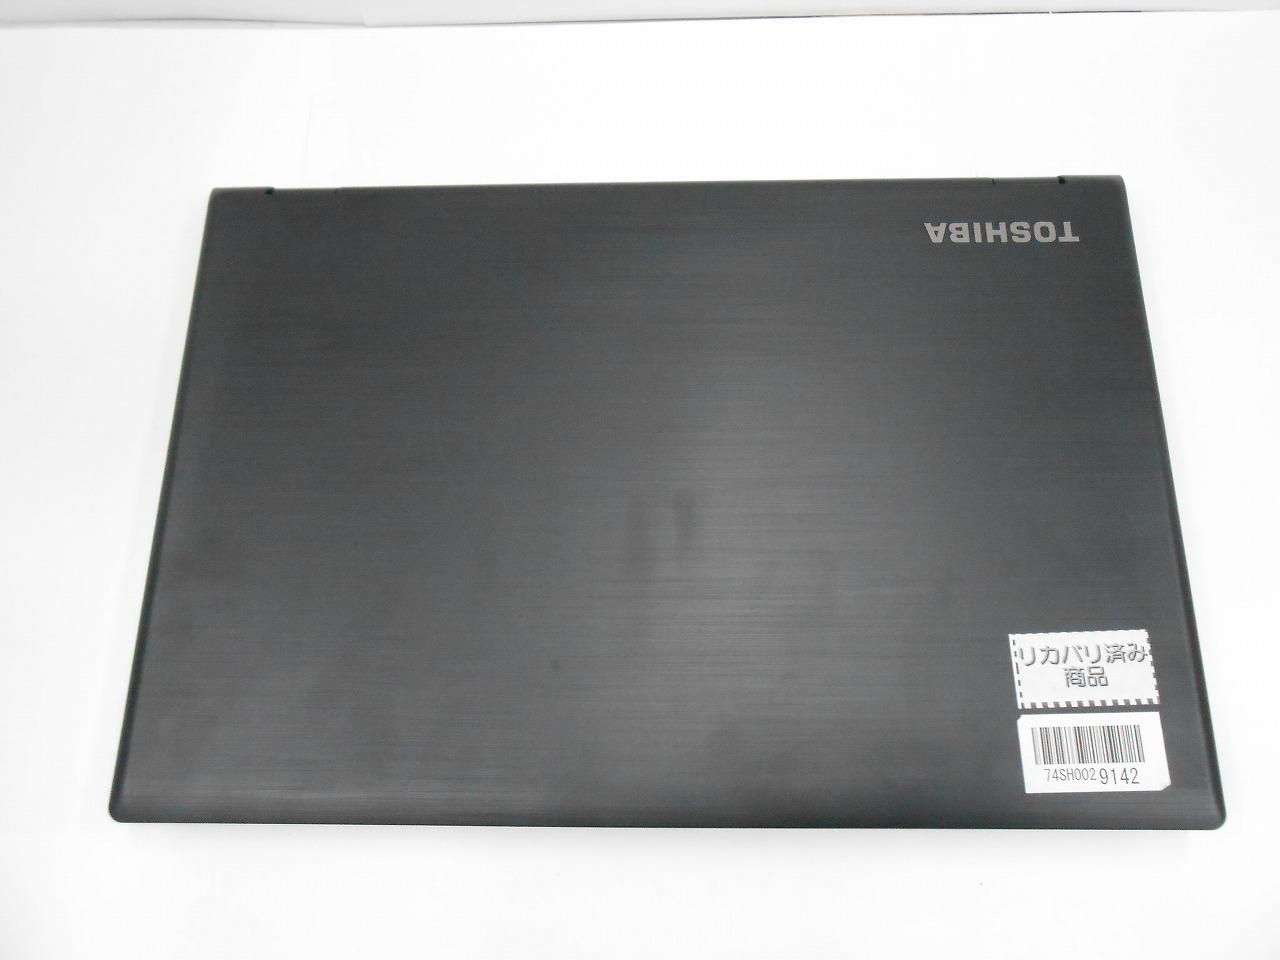 【中古】 dynabook Satellite B35/W/2016年モデル/Corei5 5200U 2.2GHz/メモリ4GB/SATA500GB/15インチ/Windows10Pro【1ヶ月保証】【足立店発送】